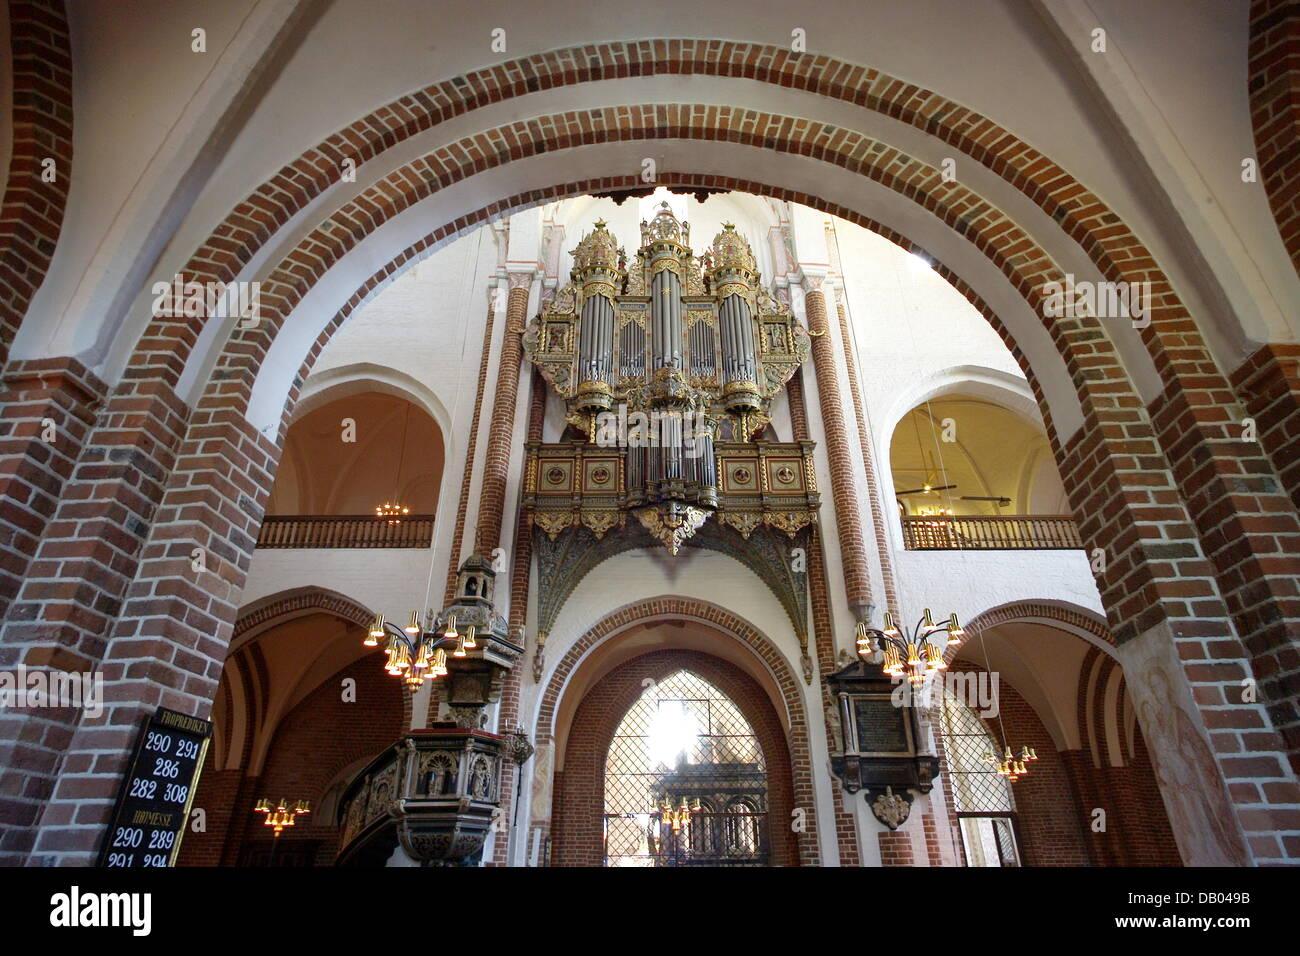 Niedlich Kathedrale Decke Framing Ideen - Benutzerdefinierte ...